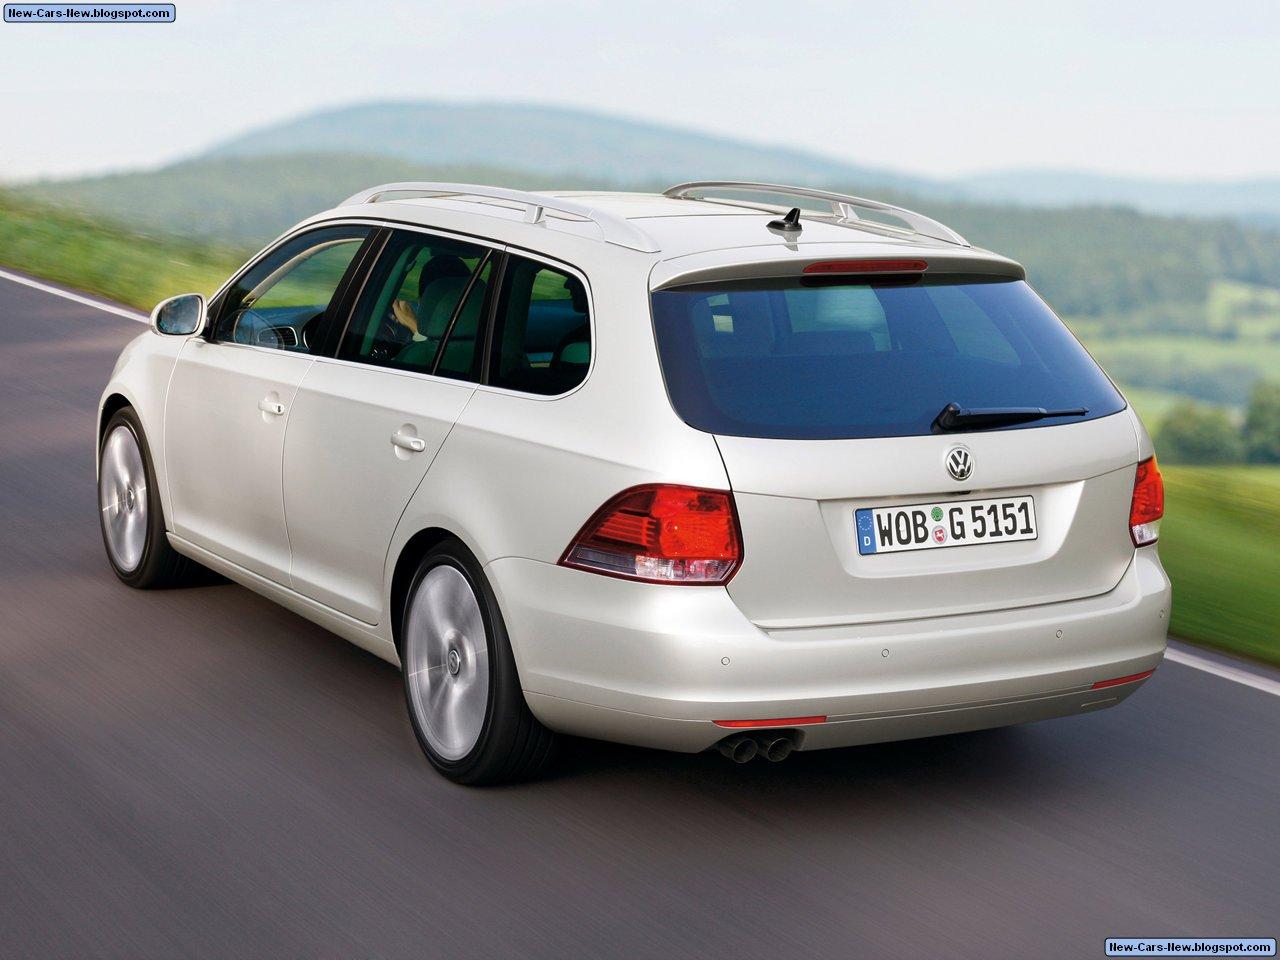 volkswagen golf variant 2010 best car blog volkswagen. Black Bedroom Furniture Sets. Home Design Ideas